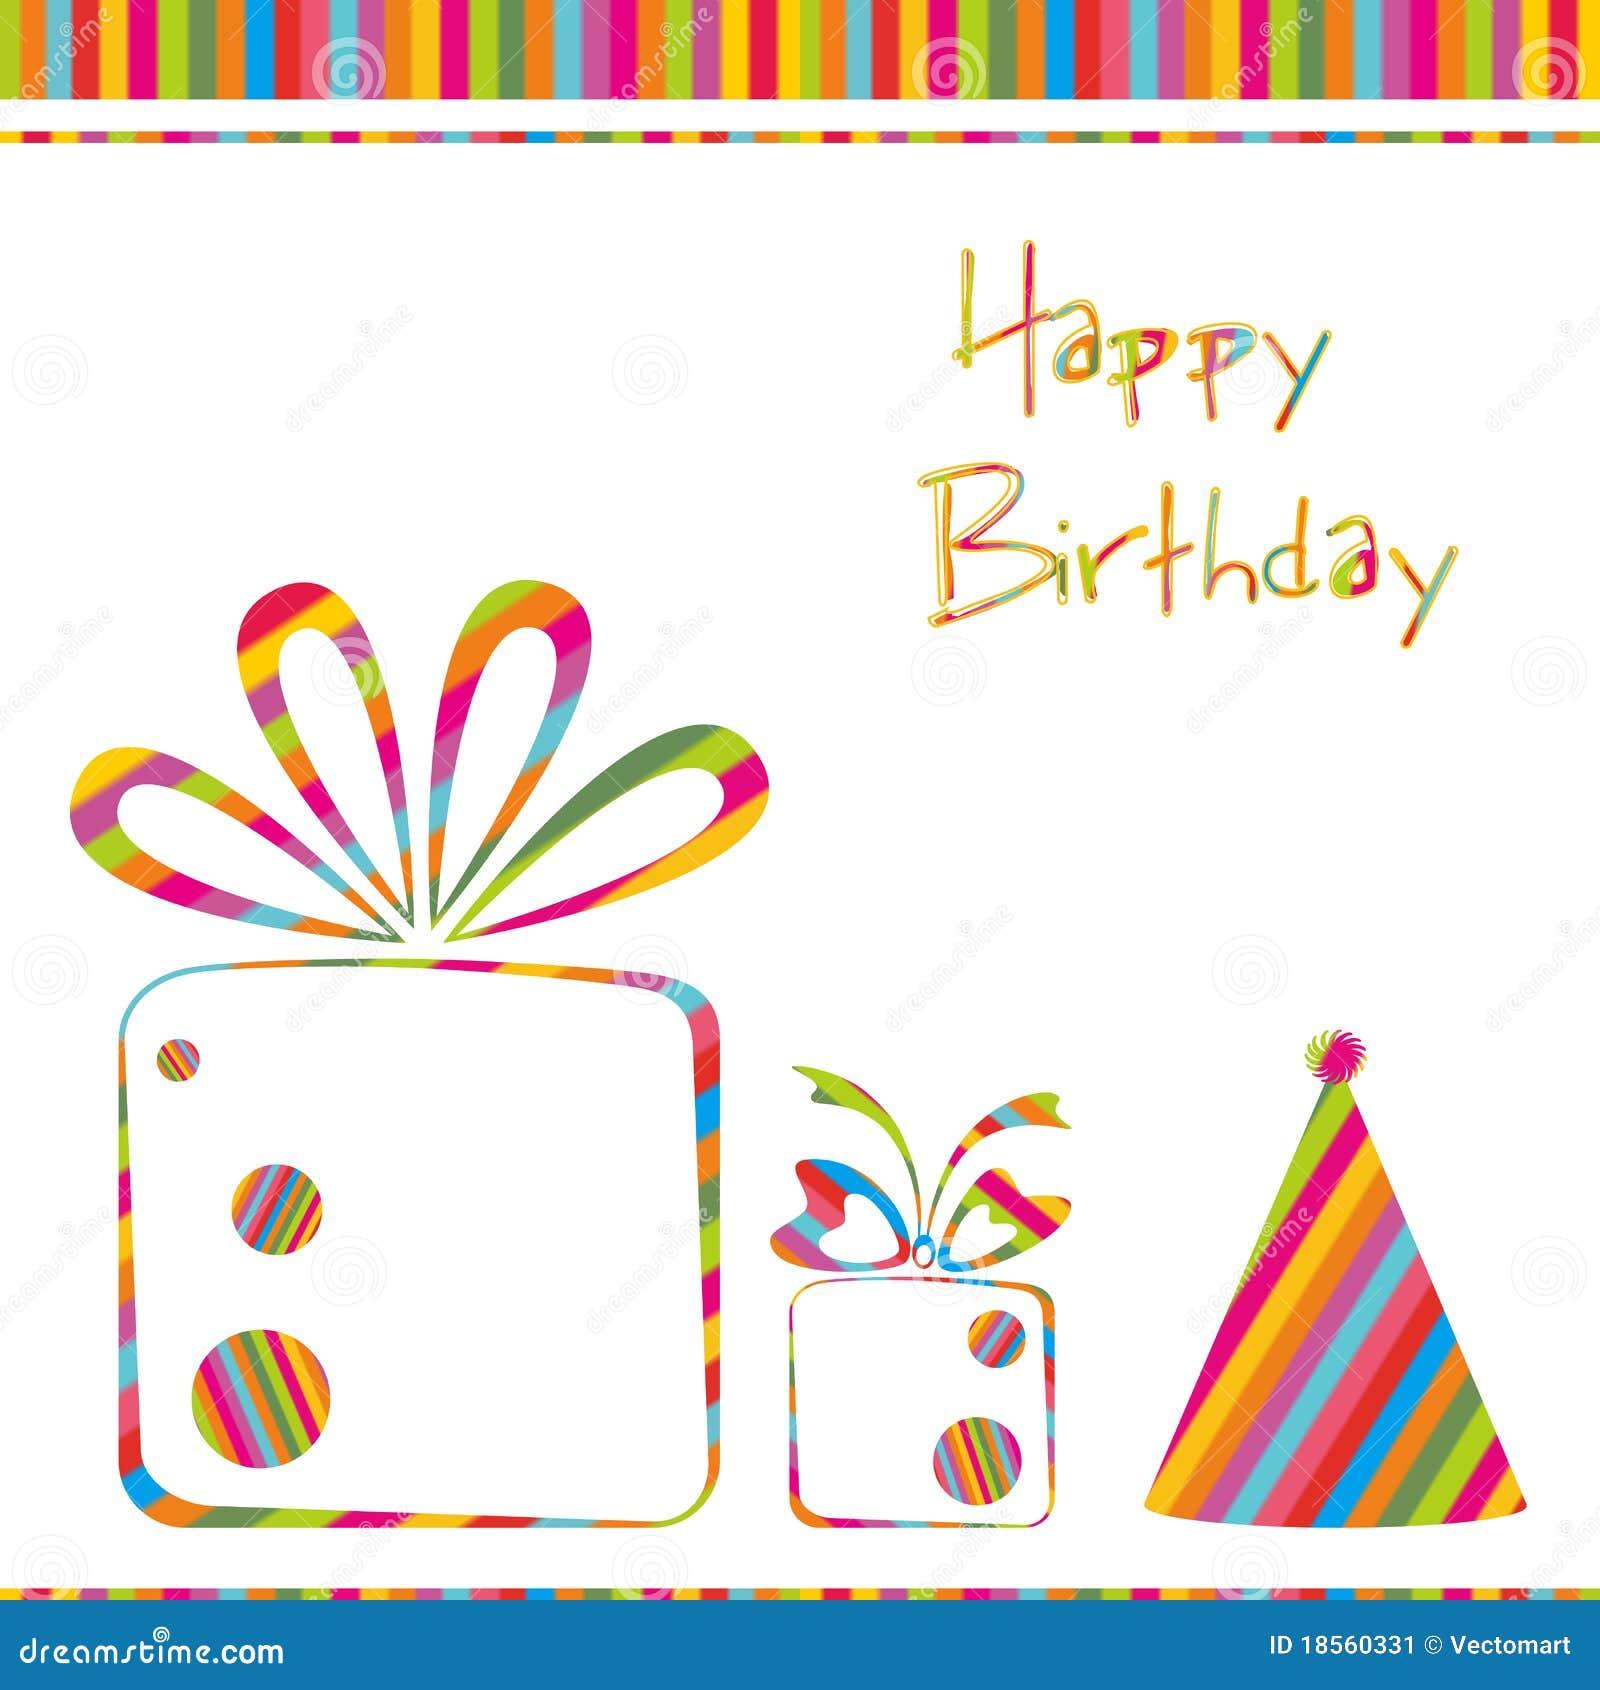 Geburtstag Karte